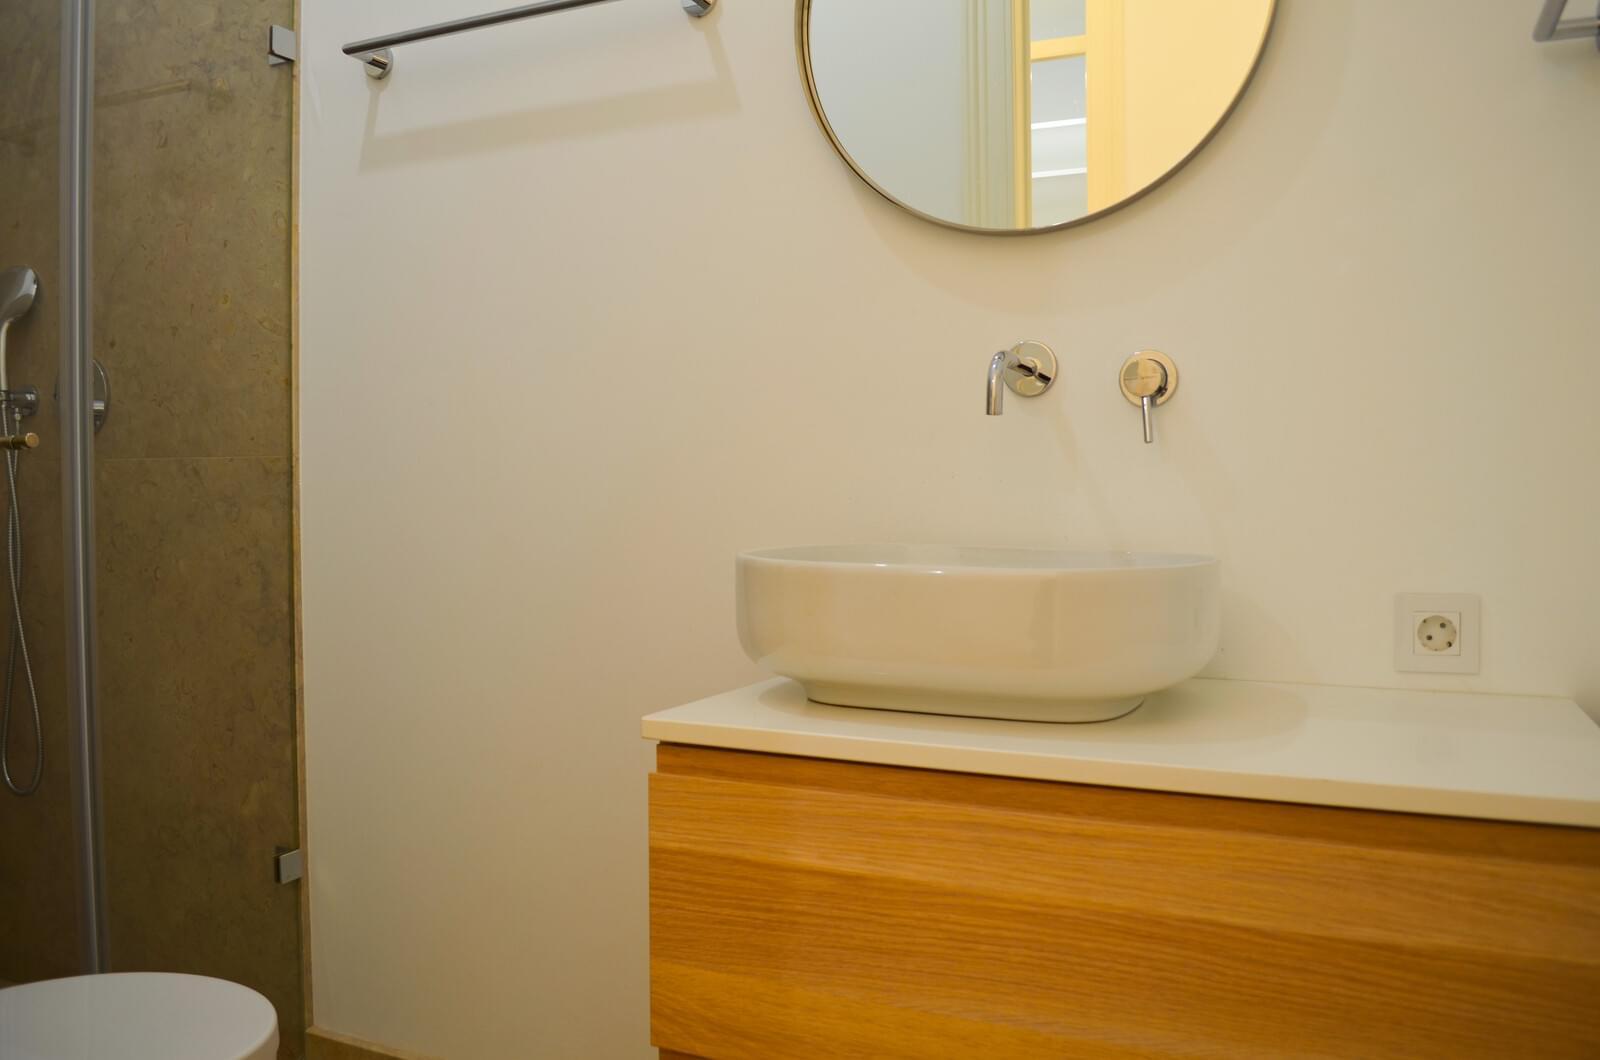 pf18801-apartamento-t2-lisboa-14302014-8950-423b-8b74-ef80ea5c24e2